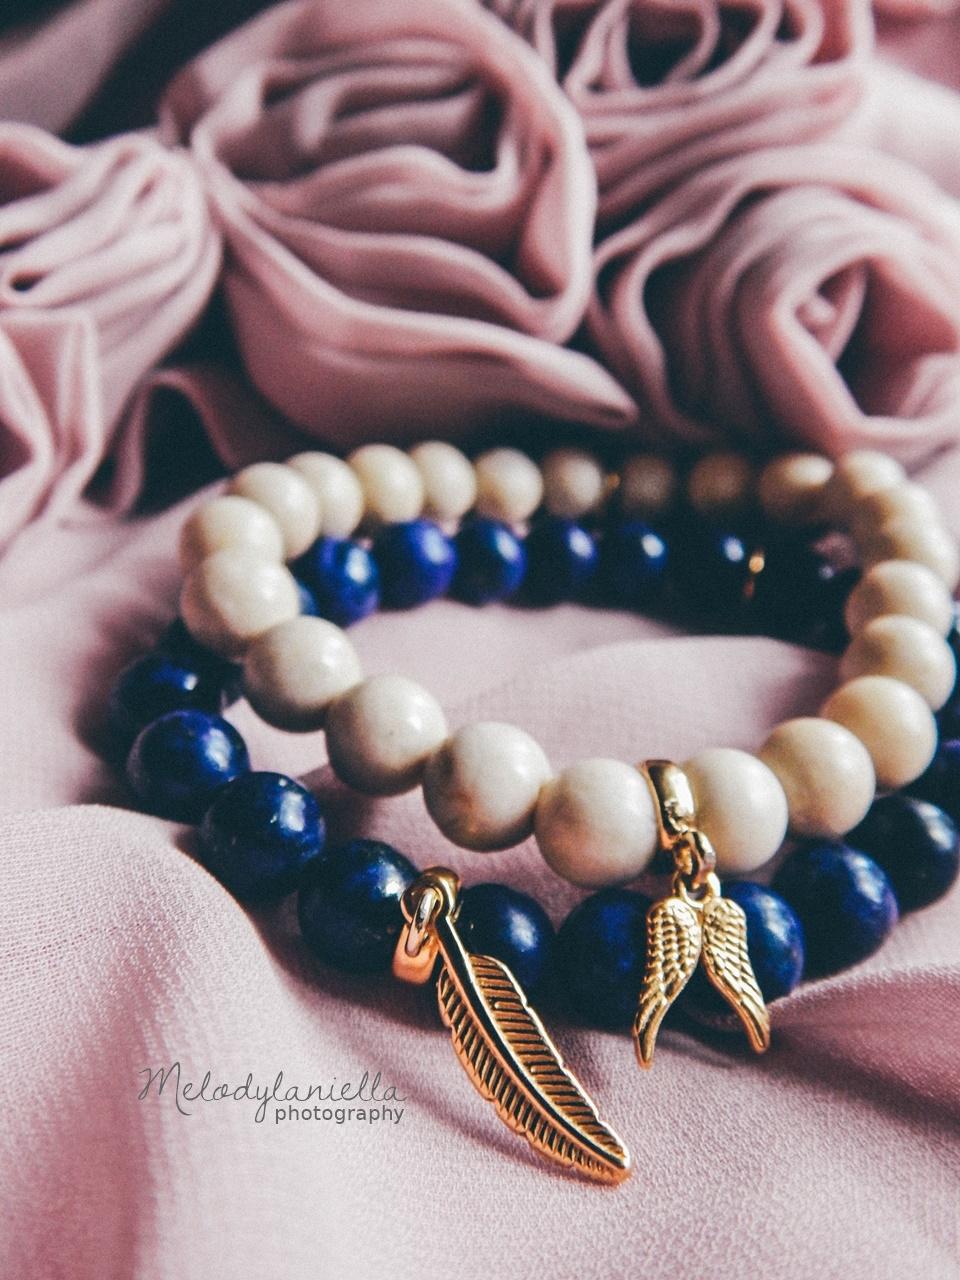 jewellery by Ana bizuteria bransoletki marmur charmsy 24k zloto skrzydla piórko marmur lapis lazuli prezent piekne